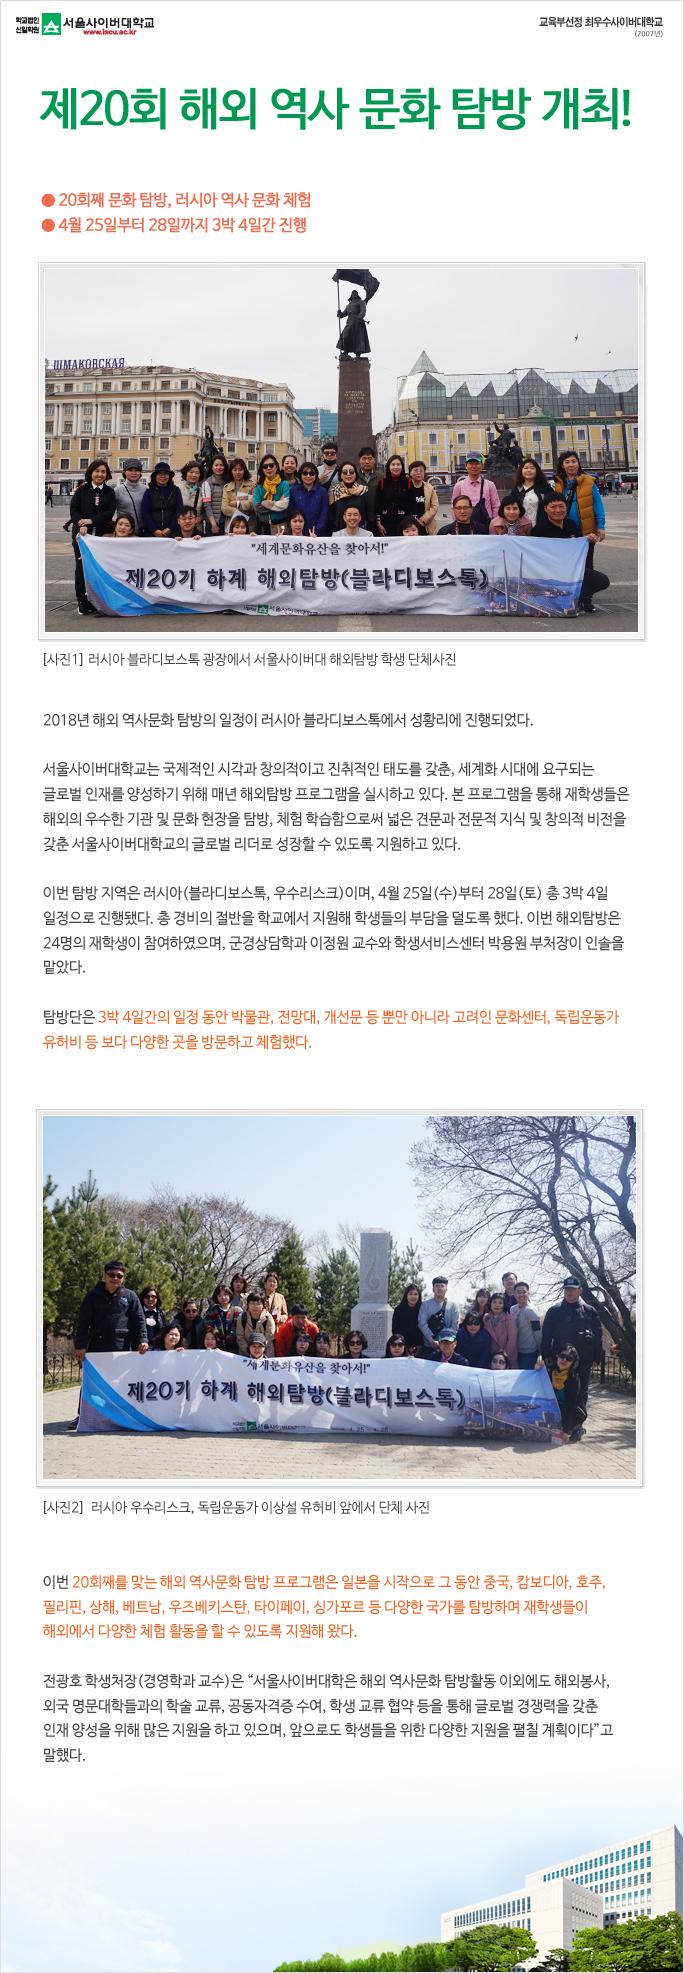 제20회 해외 역사 문화 탐방 개최!